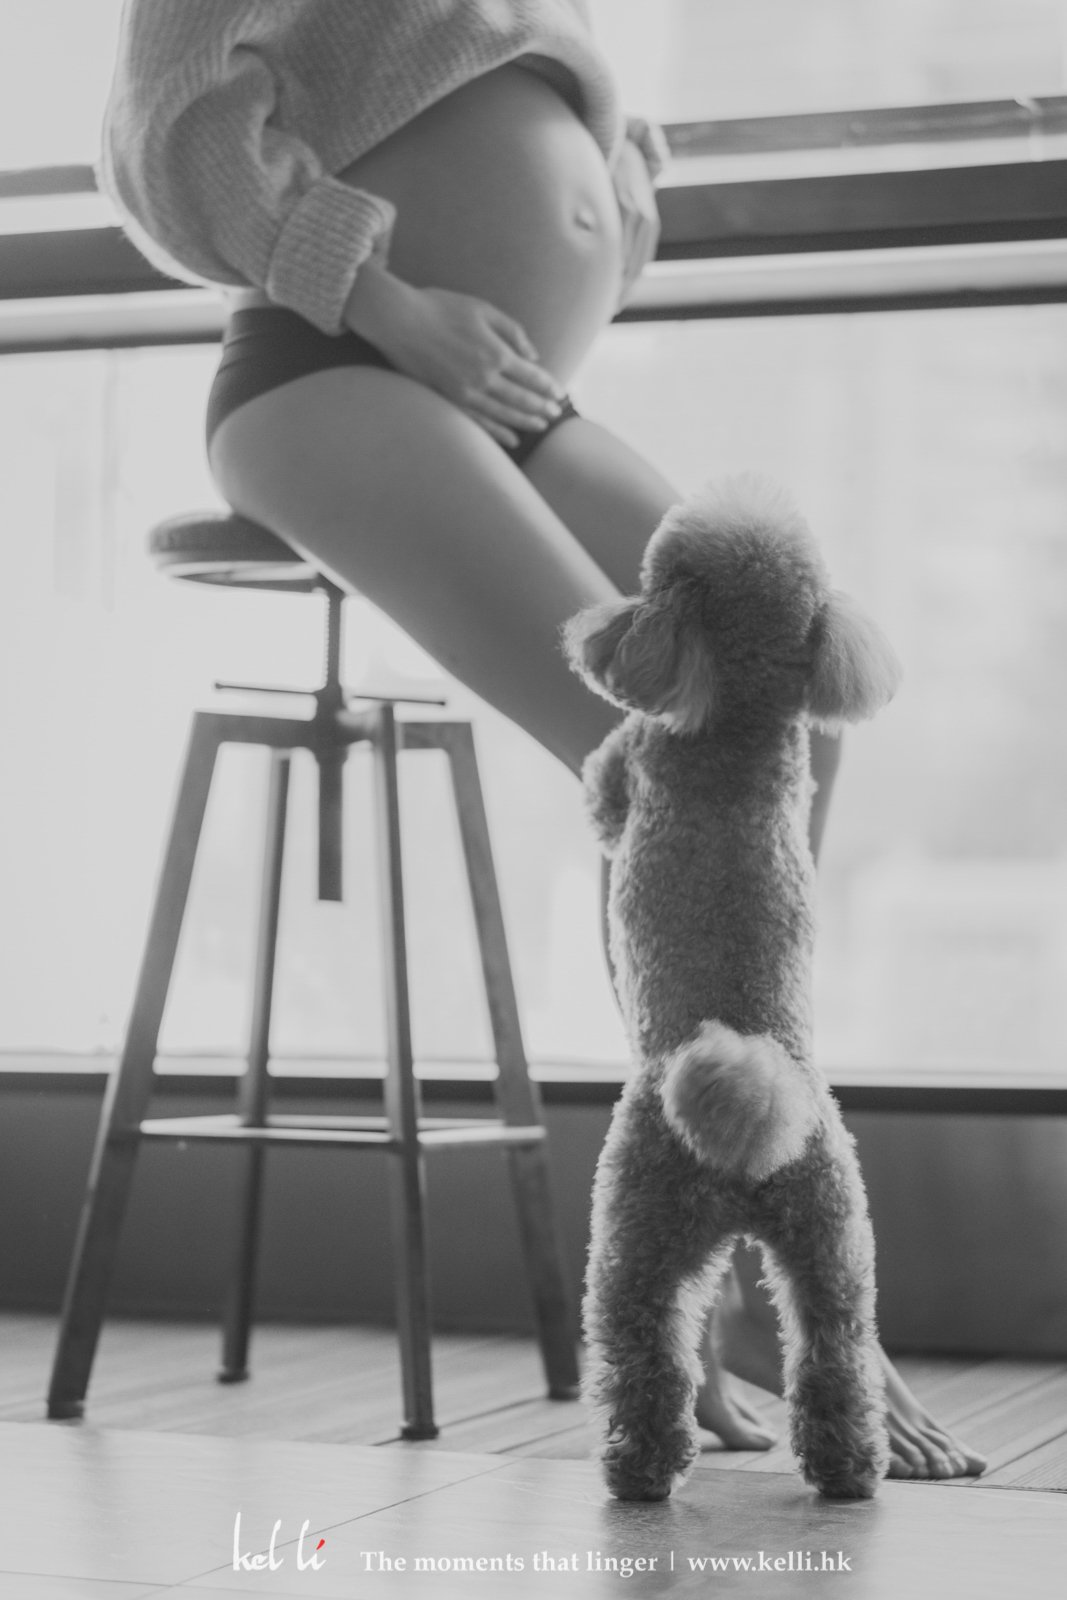 小狗狗看著懷孕媽媽,看著背影已覺得可愛